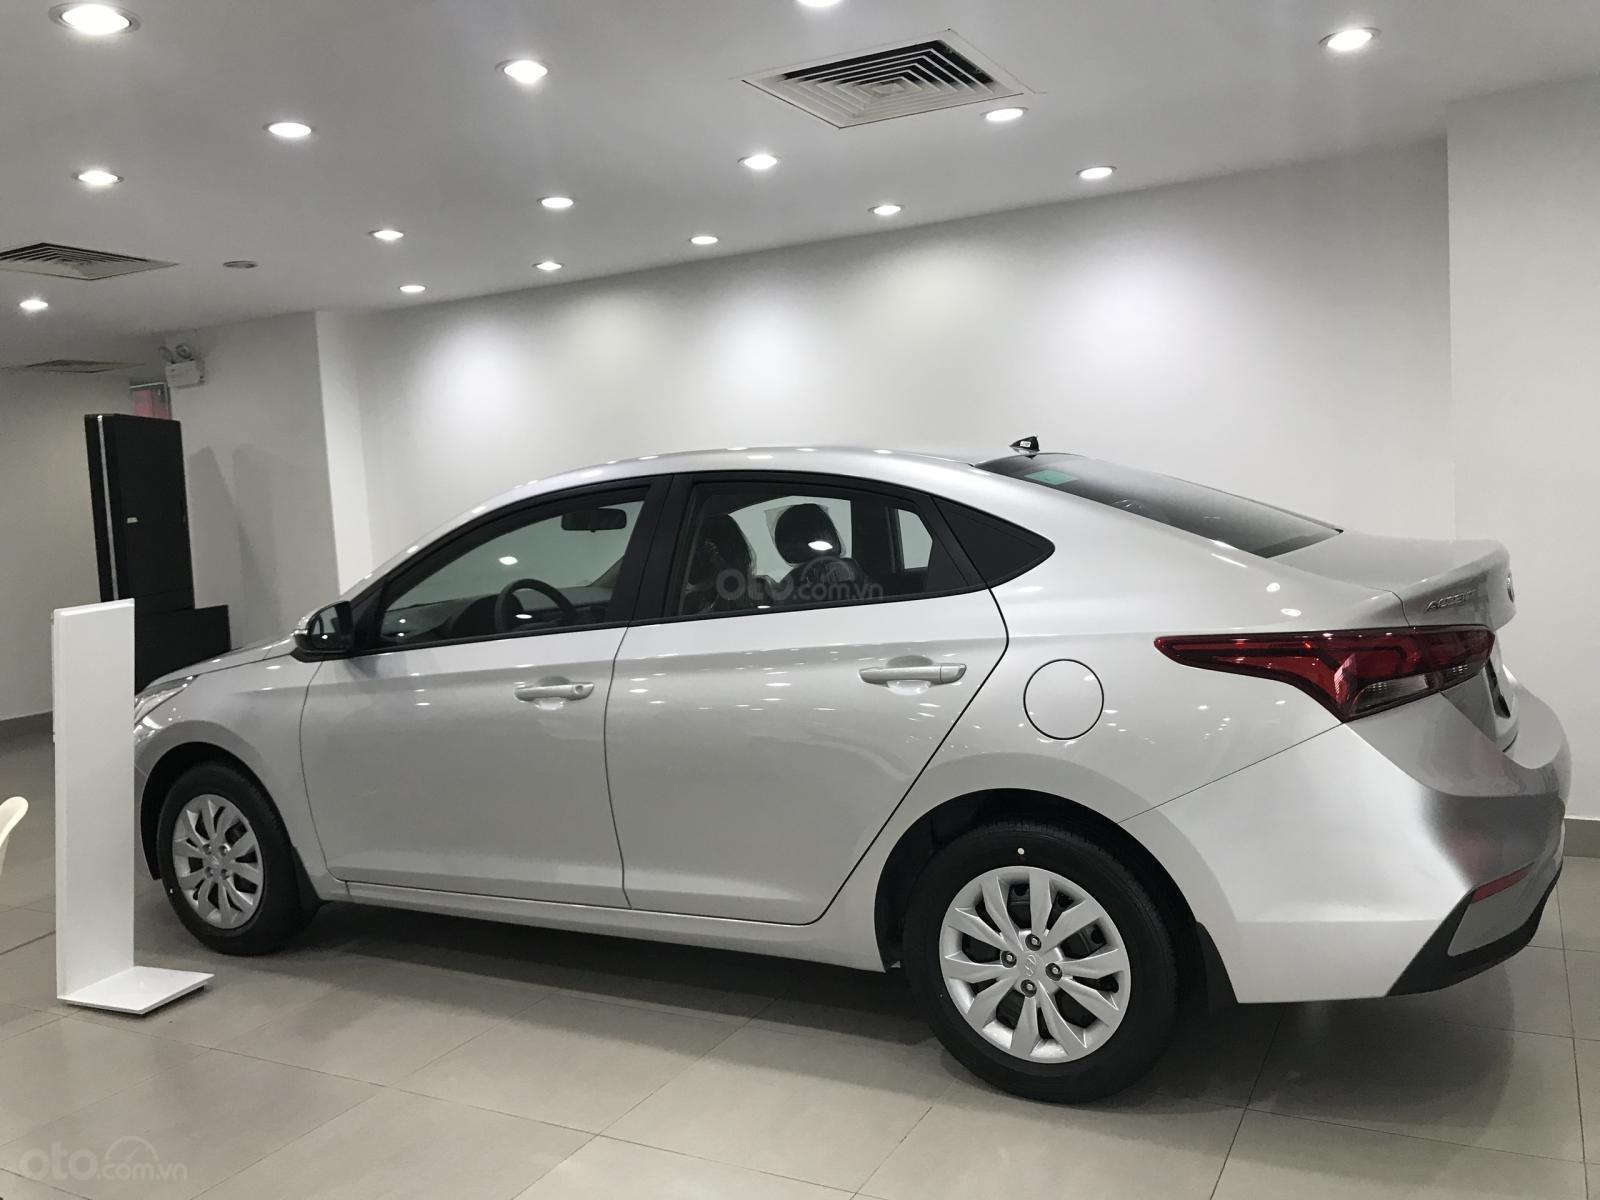 Bán xe Accent bản base màu bạc, có sẵn giao ngay 150 triệu nhận xe ngay (2)